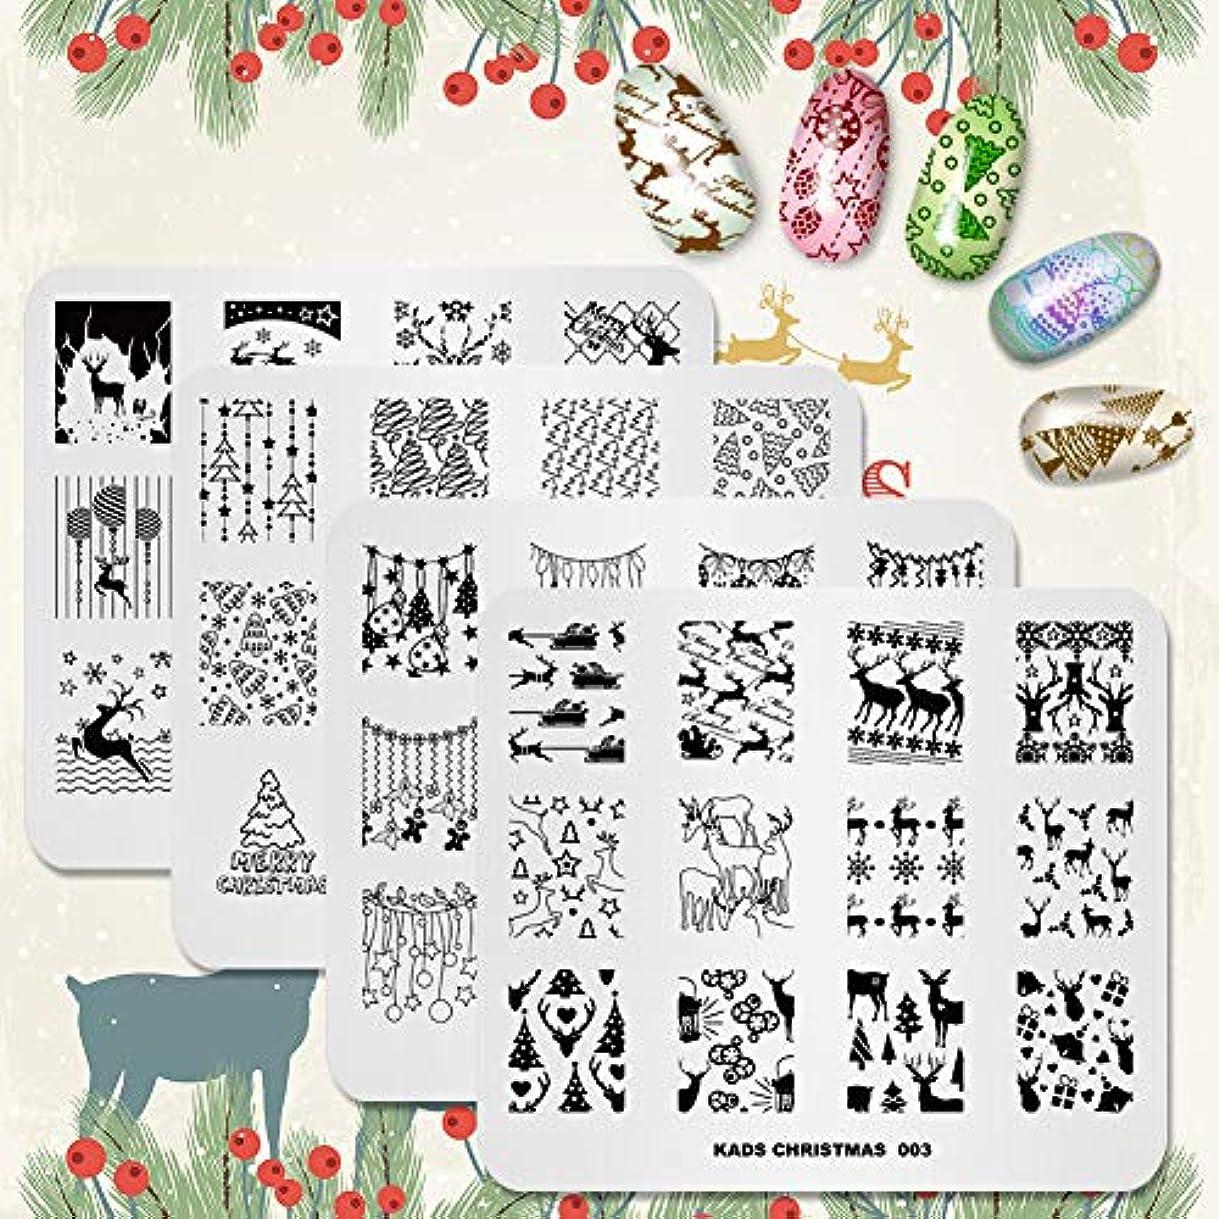 安らぎ下手スマイルKADS クリスマスネイルアートスタンピングプレート4枚セット 福袋/クリスマスツリー/鹿 ネイルイメージプレート ネイルアート用品道具 (セット5)